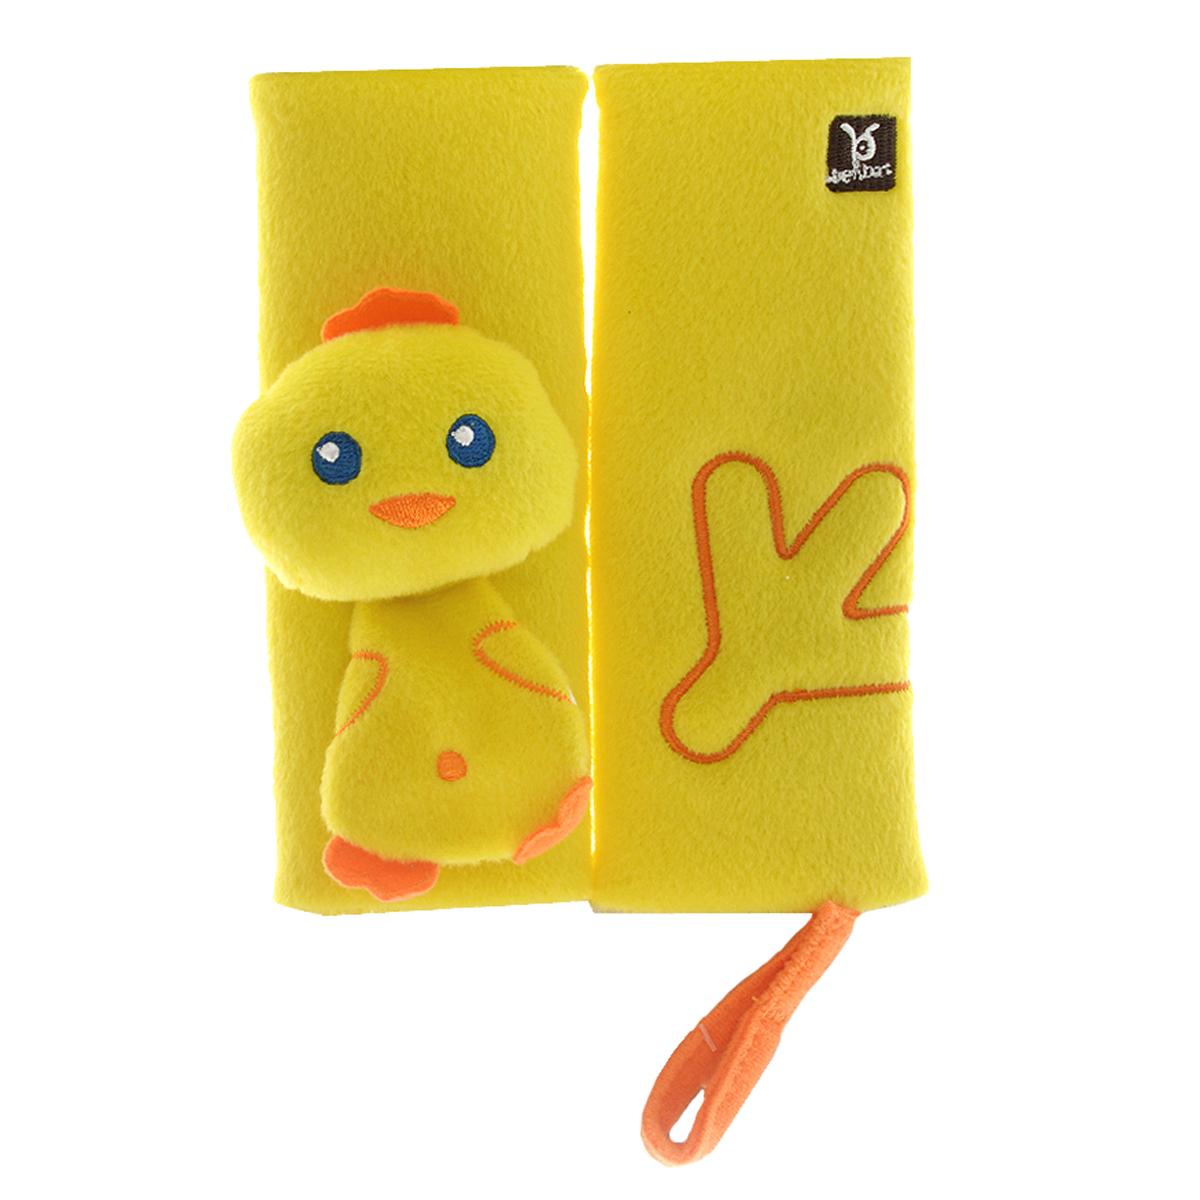 """Накладка для ремня безопасности BenBat """"Цыпленок"""" поможет вашему ребенку провести время в путешествии с максимальным комфортом. Мягкая и удобная накладка не позволит ремню пережимать и стягивать шею и грудь вашего малыша, препятствуя натиранию тугим и жестким ремнем. Накладка выполнена из двух мягких элементов, которые крепятся к ремням безопасности с помощью двух липучек. Один элемент оформлен объемной головой цыпленка и туловищем, в котором спрятан шуршащий элемент. На другом элементе - вышитая лапка цыпленка. Накладка оснащена текстильной петлей на липучке, с помощью которой вы сможете закрепить соску или погремушку. Накладка предназначена для детей в возрасте от 0 до 12 месяцев."""